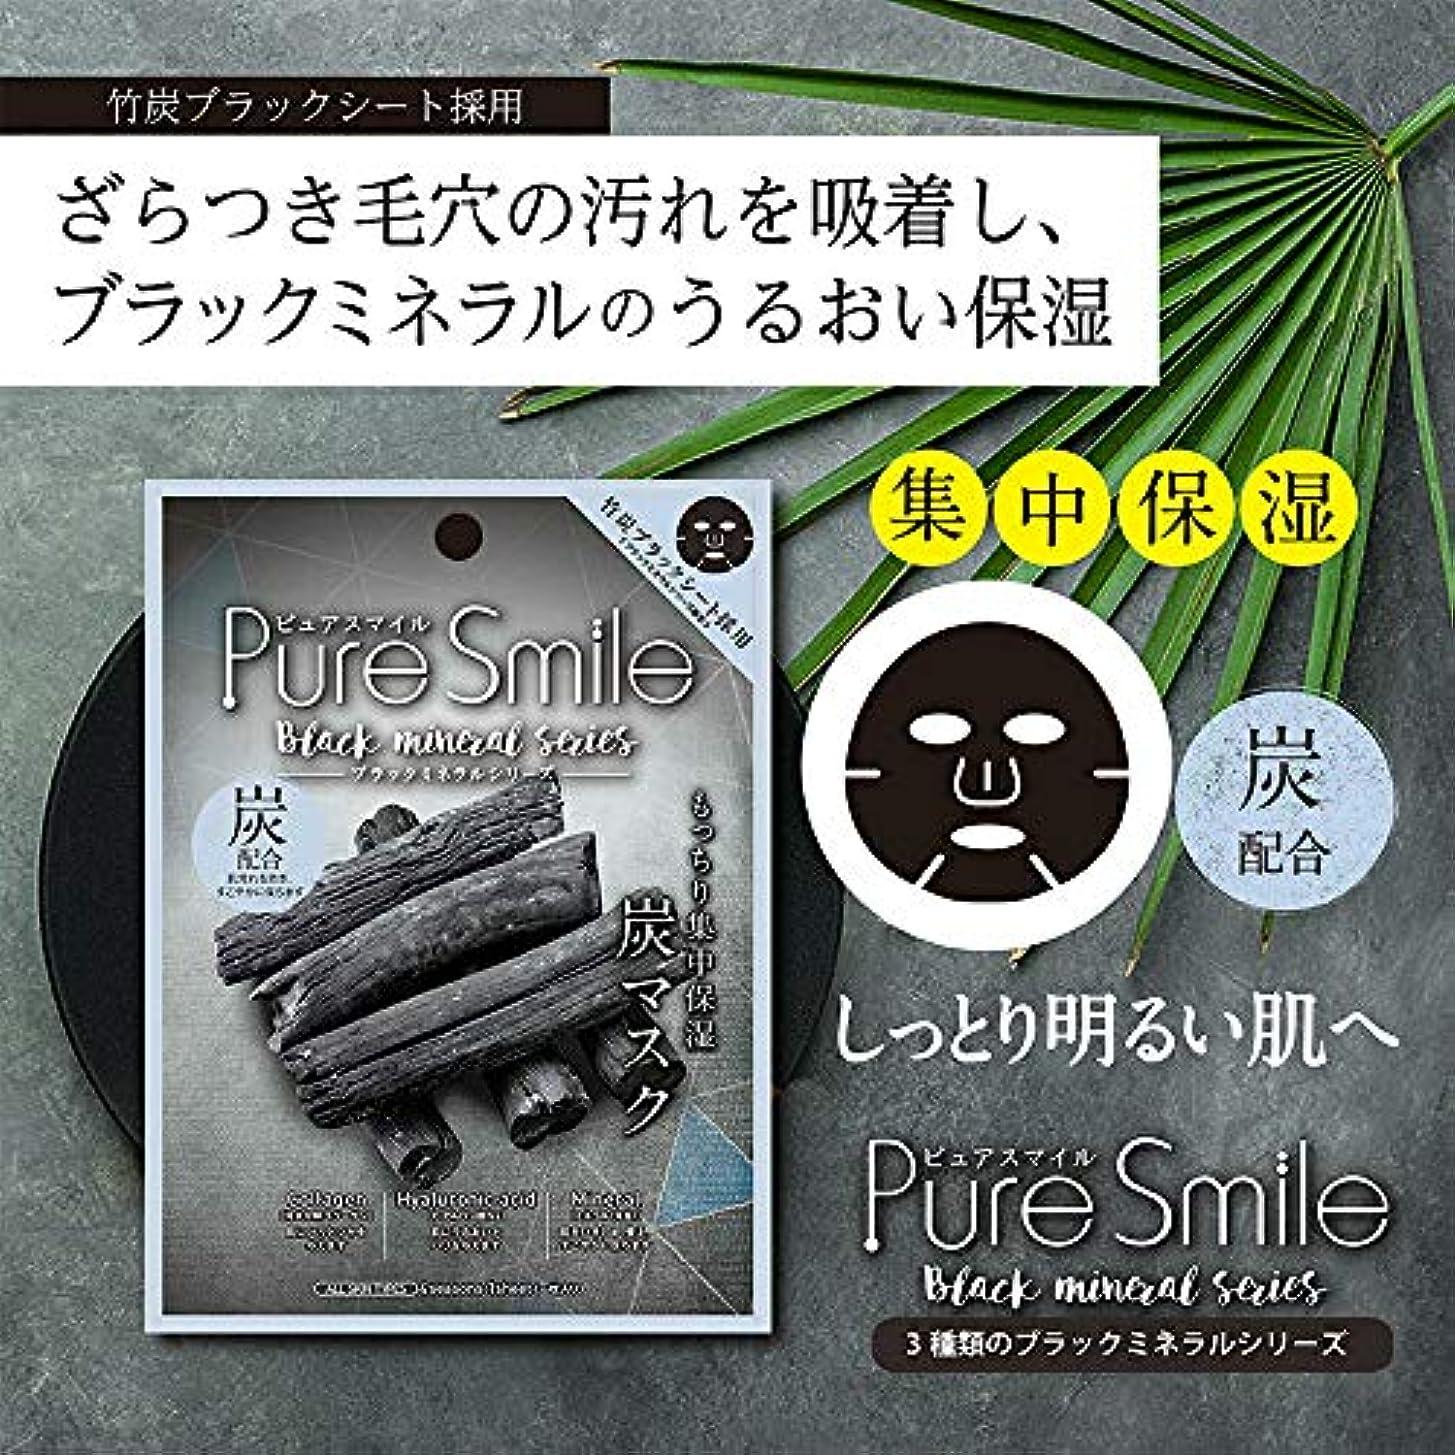 クラフト混乱スキルPure Smile(ピュアスマイル) エッセンスマスク 『ブラックミネラルシリーズ』(炭) フェイスマスク パック